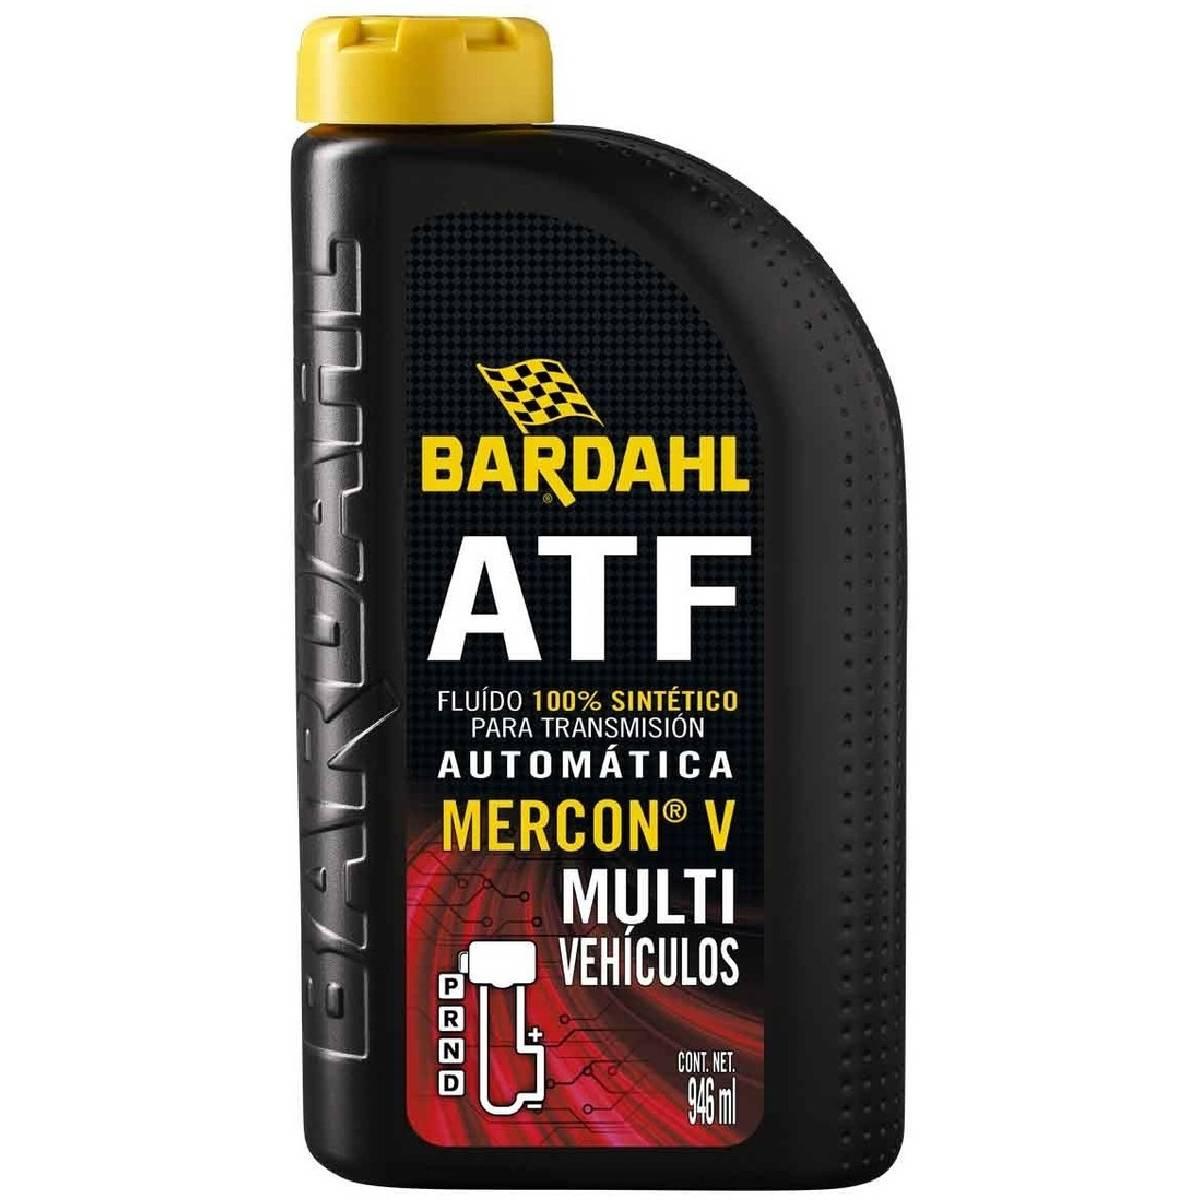 Fluido Sintético Transmisión Automática Mercon V Bardahl